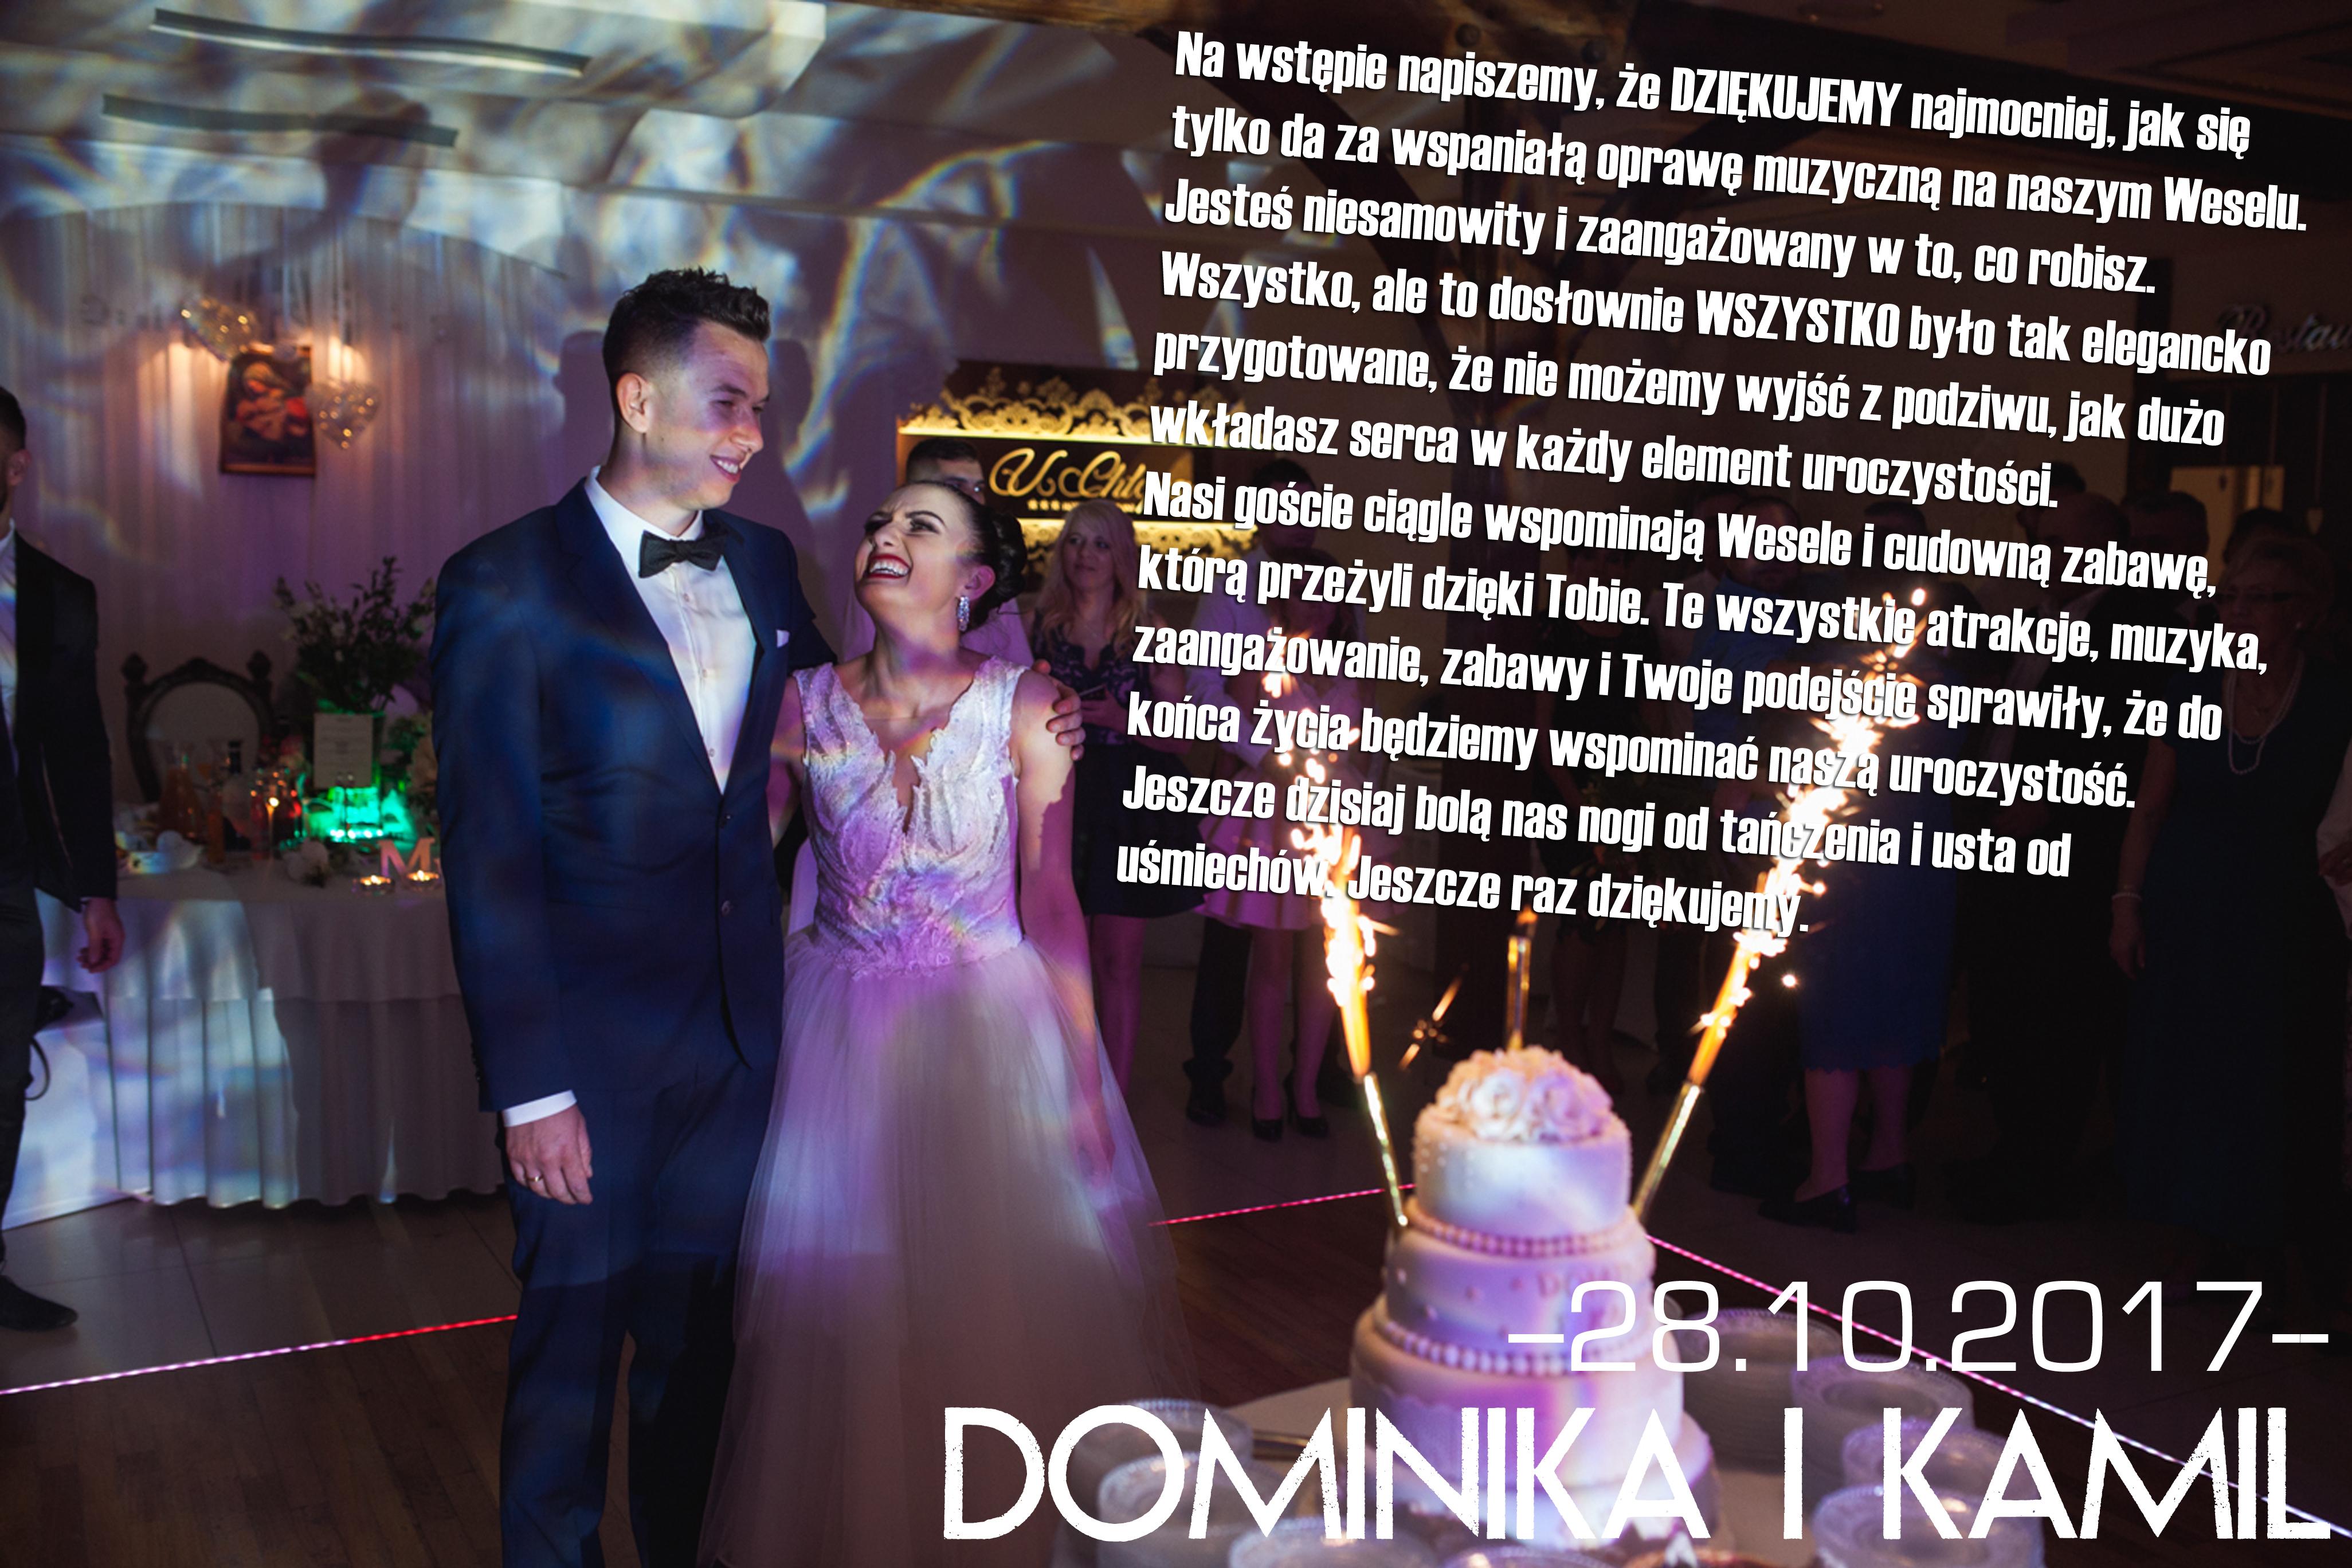 DOMINIKA & KAMIL